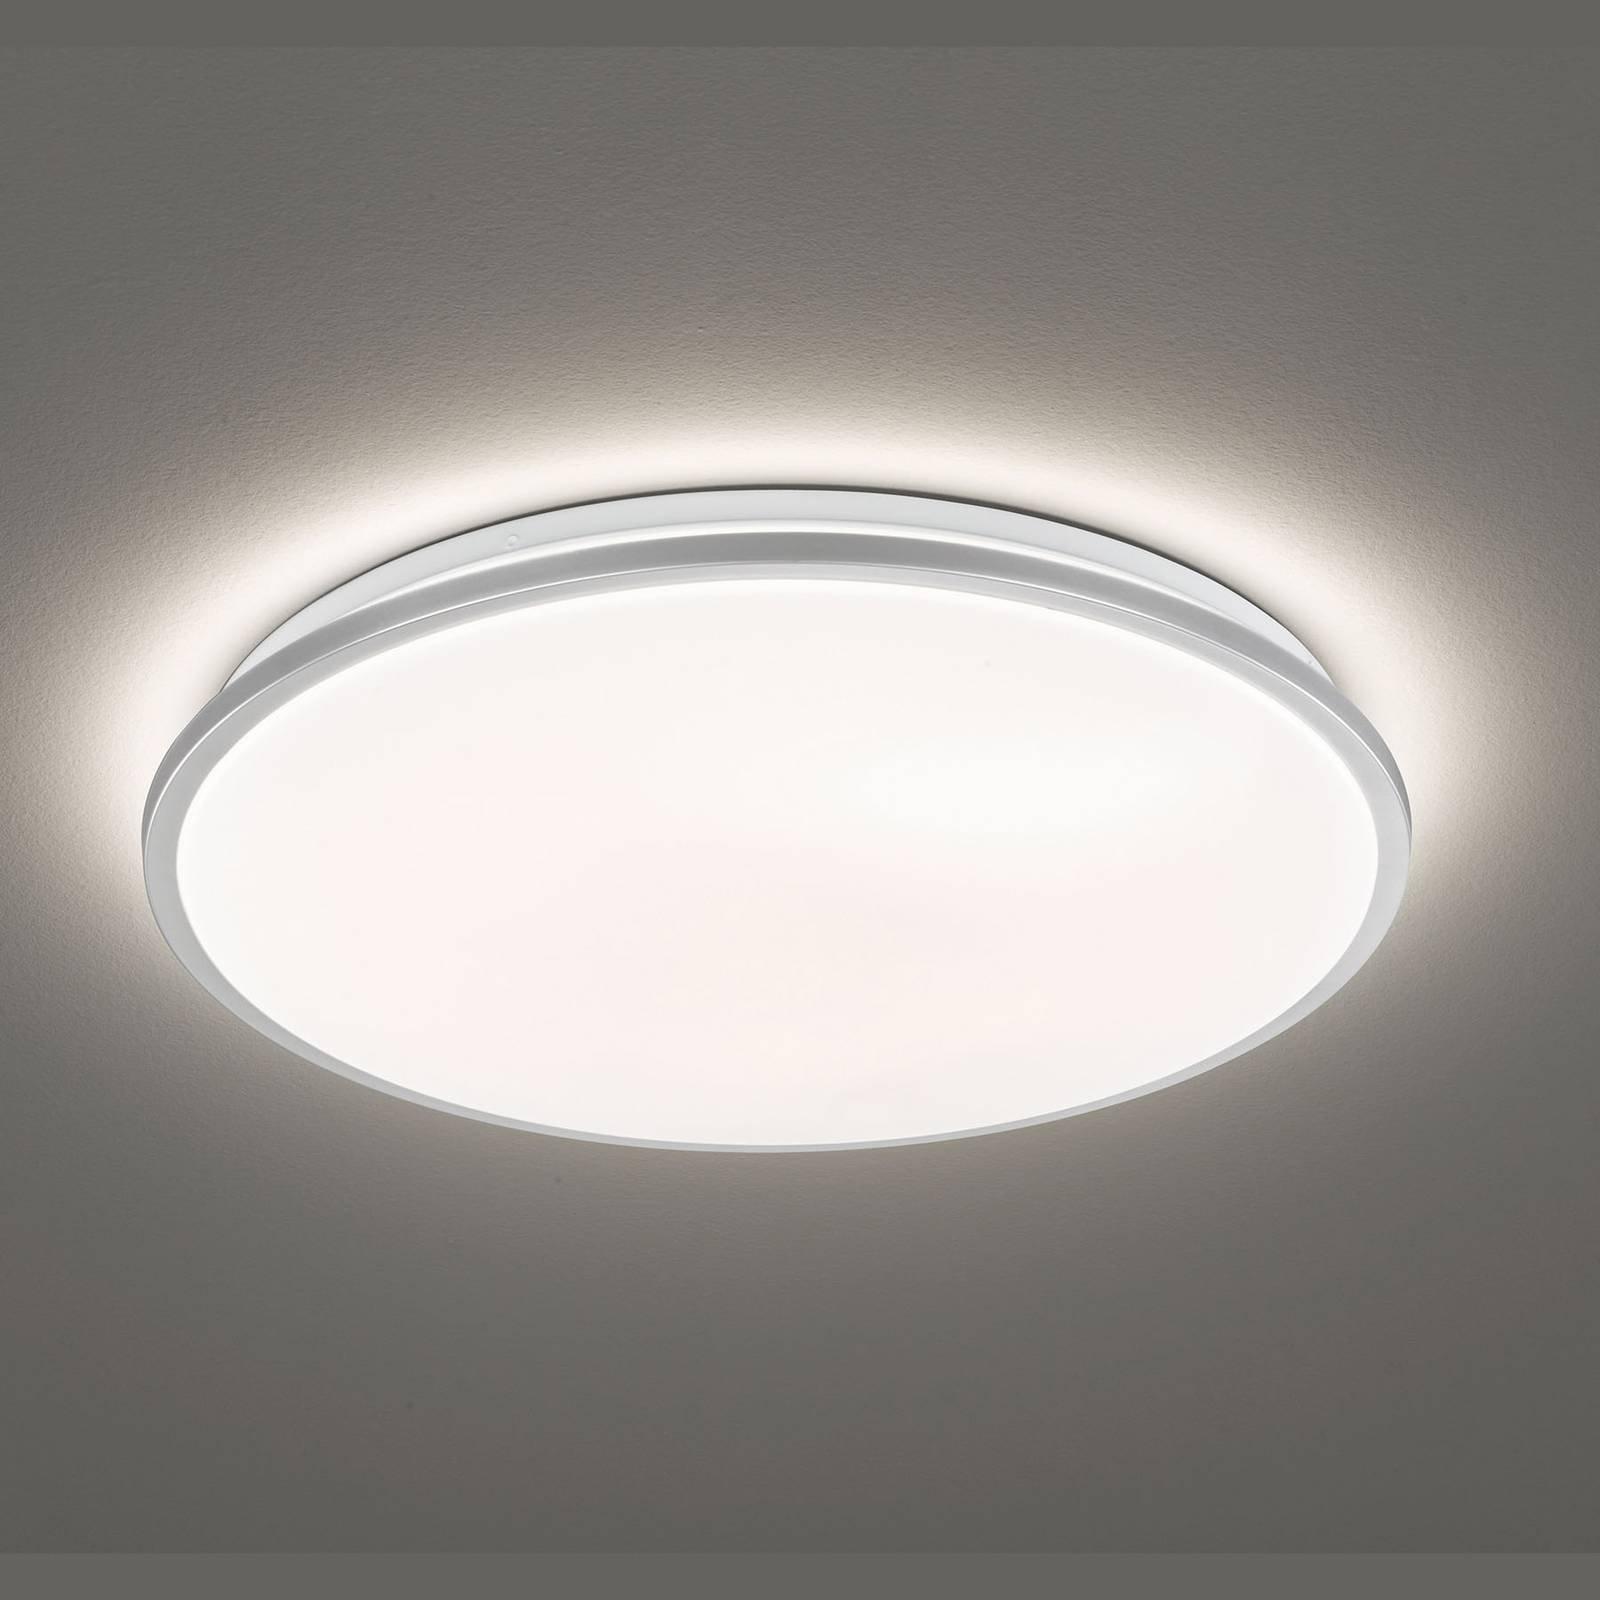 LED-taklampe Jaso, dimbar, Ø 40 cm, sølv